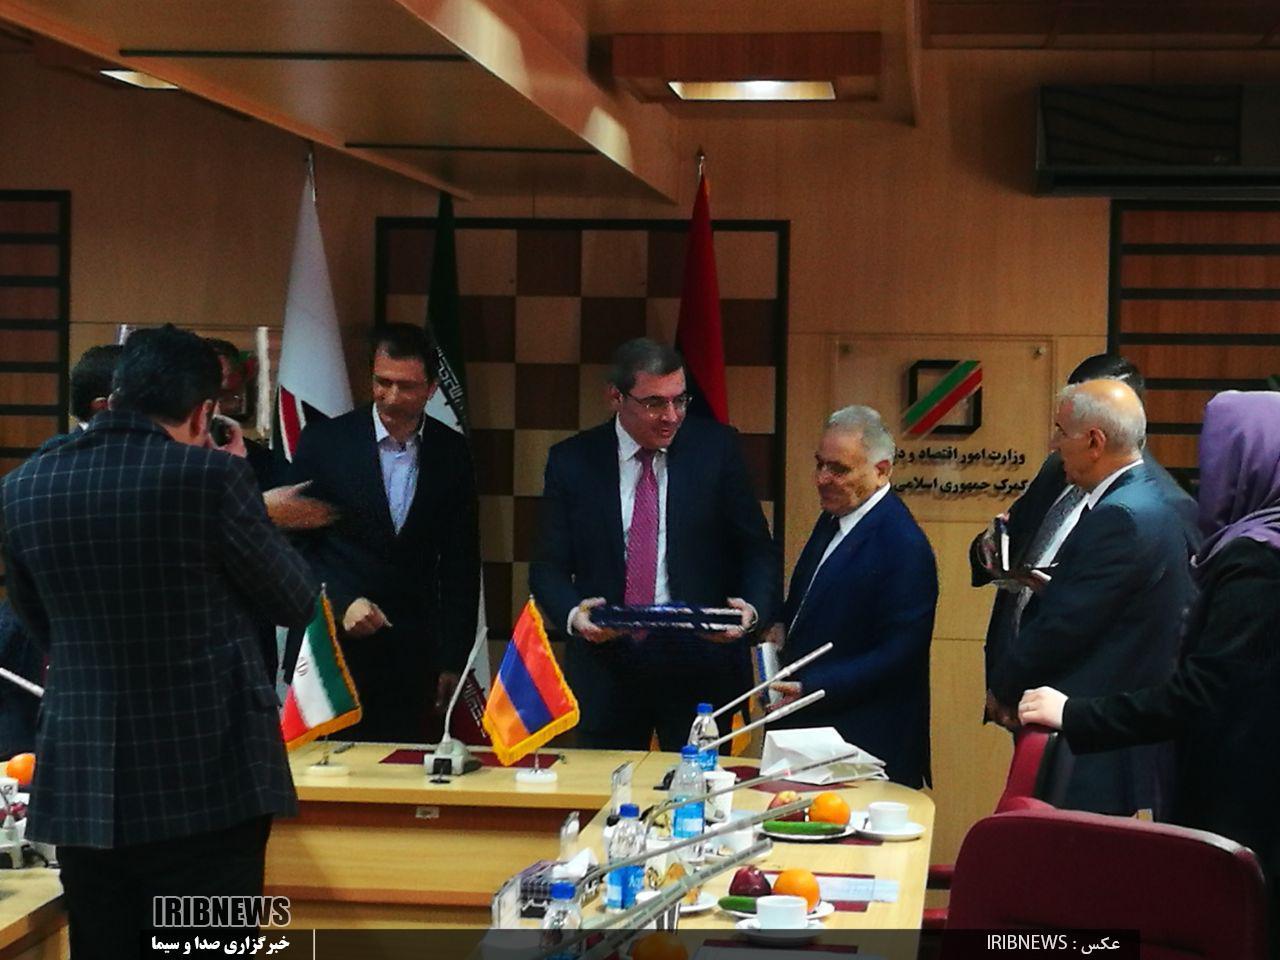 امضای یادداشت تفاهم تبادل ارزش گمرکی با ارمنستان - 9